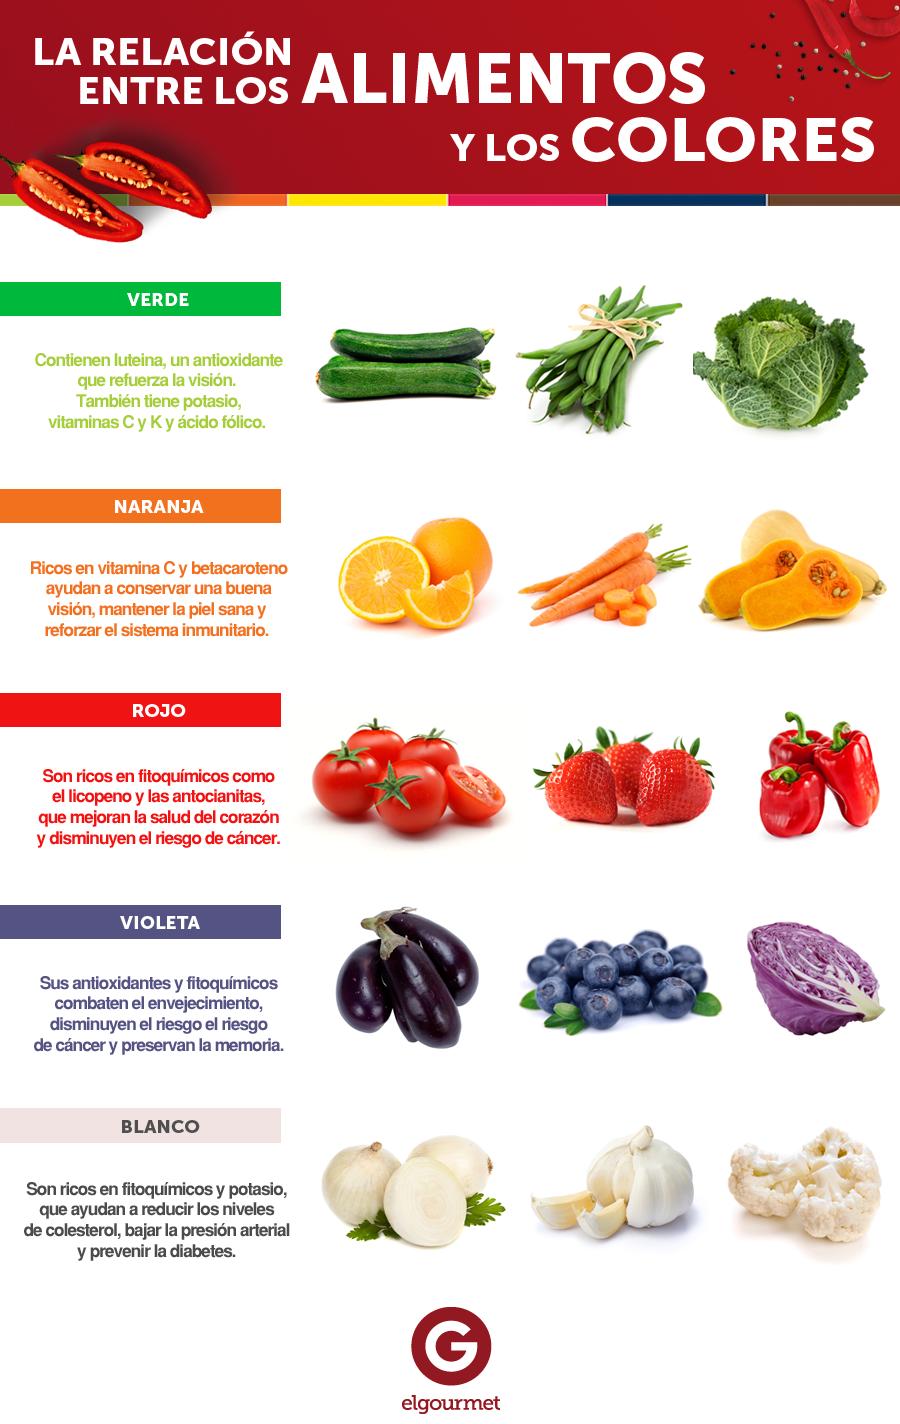 mejor dieta para reducir el riesgo de diabetes